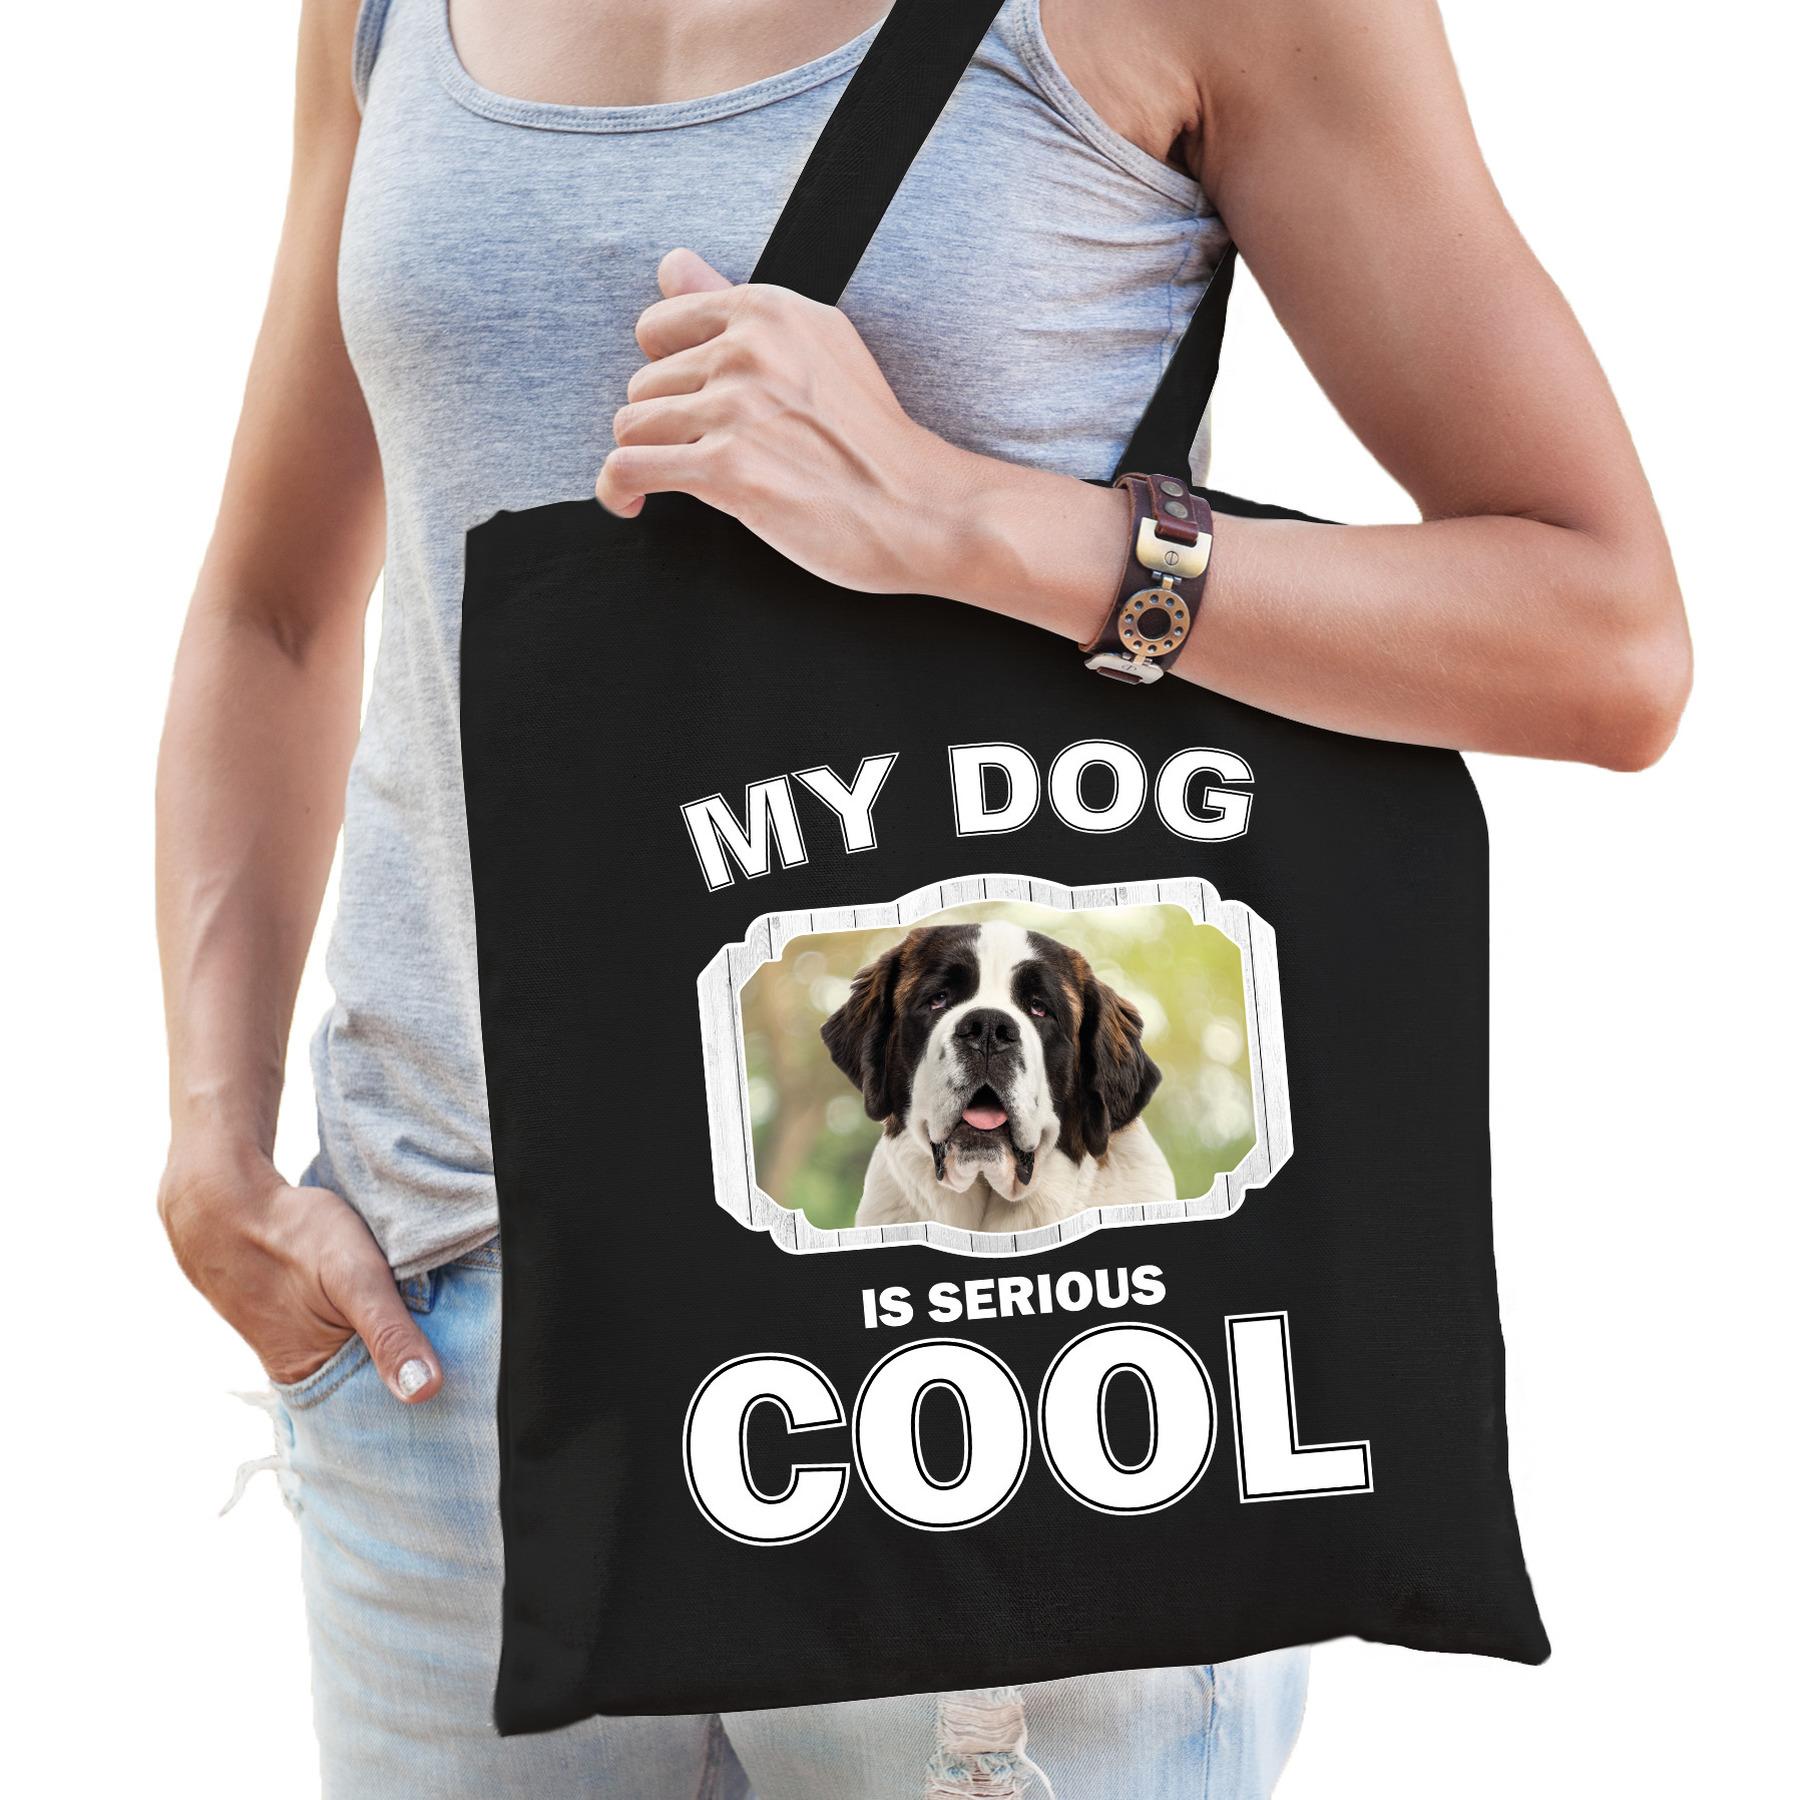 Katoenen tasje my dog is serious cool zwart - Sint bernard honden cadeau tas